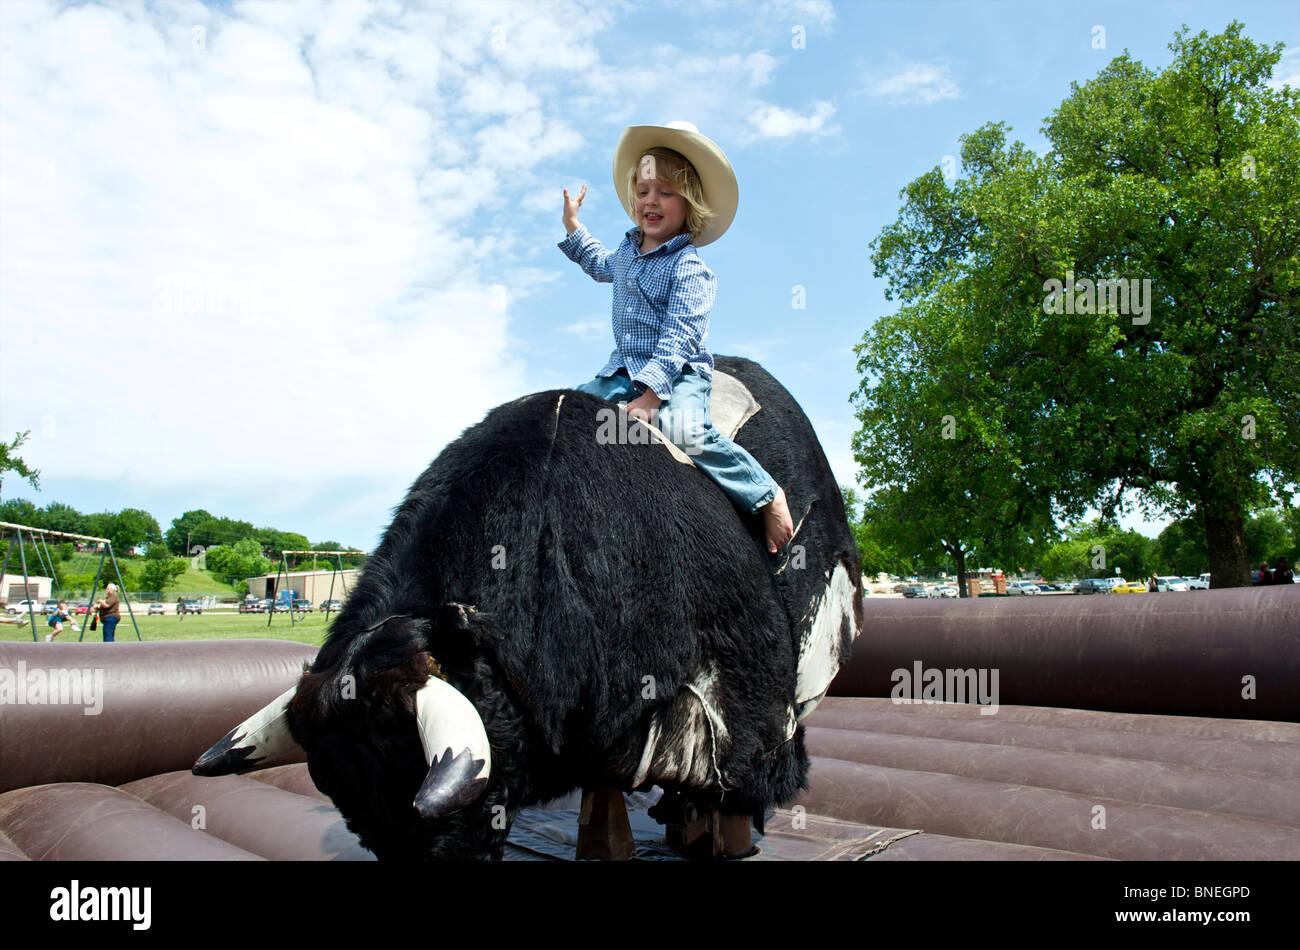 Avec: essayer sa chance de rester sur le taureau mécanique Banque D'Images